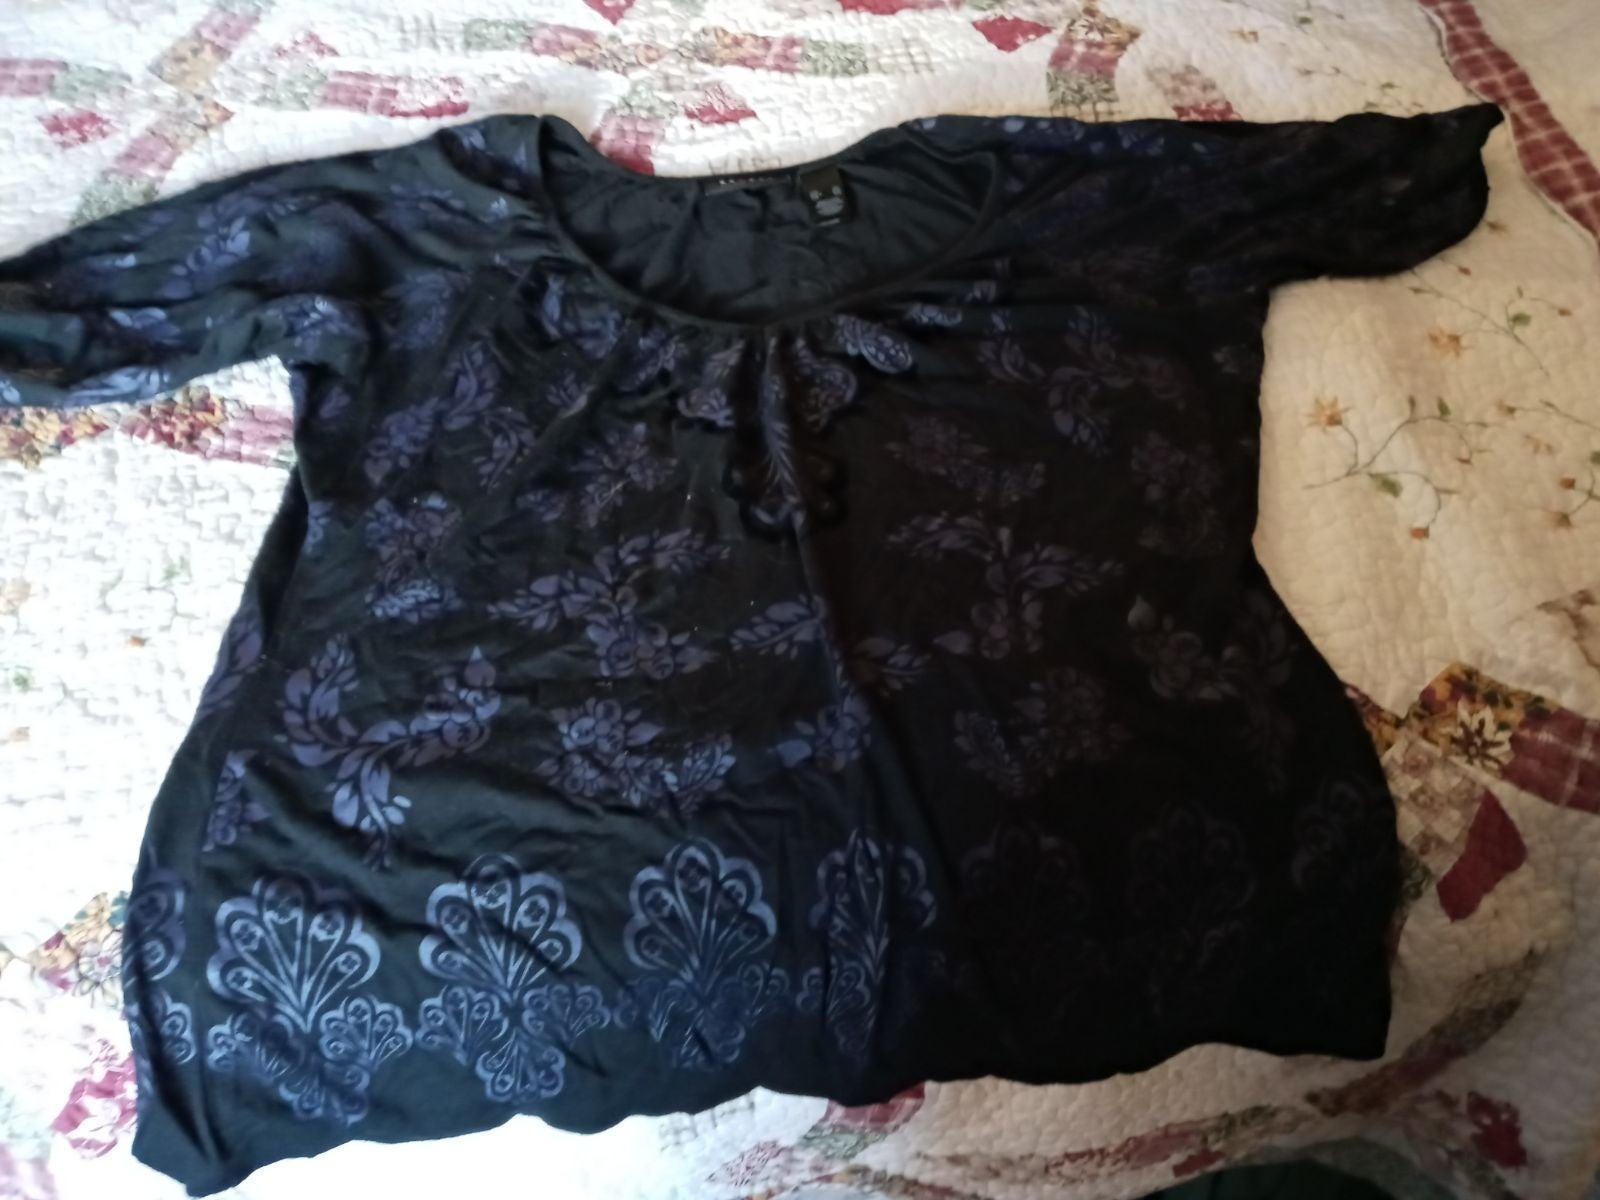 Liz Claiborne Axcess blouse